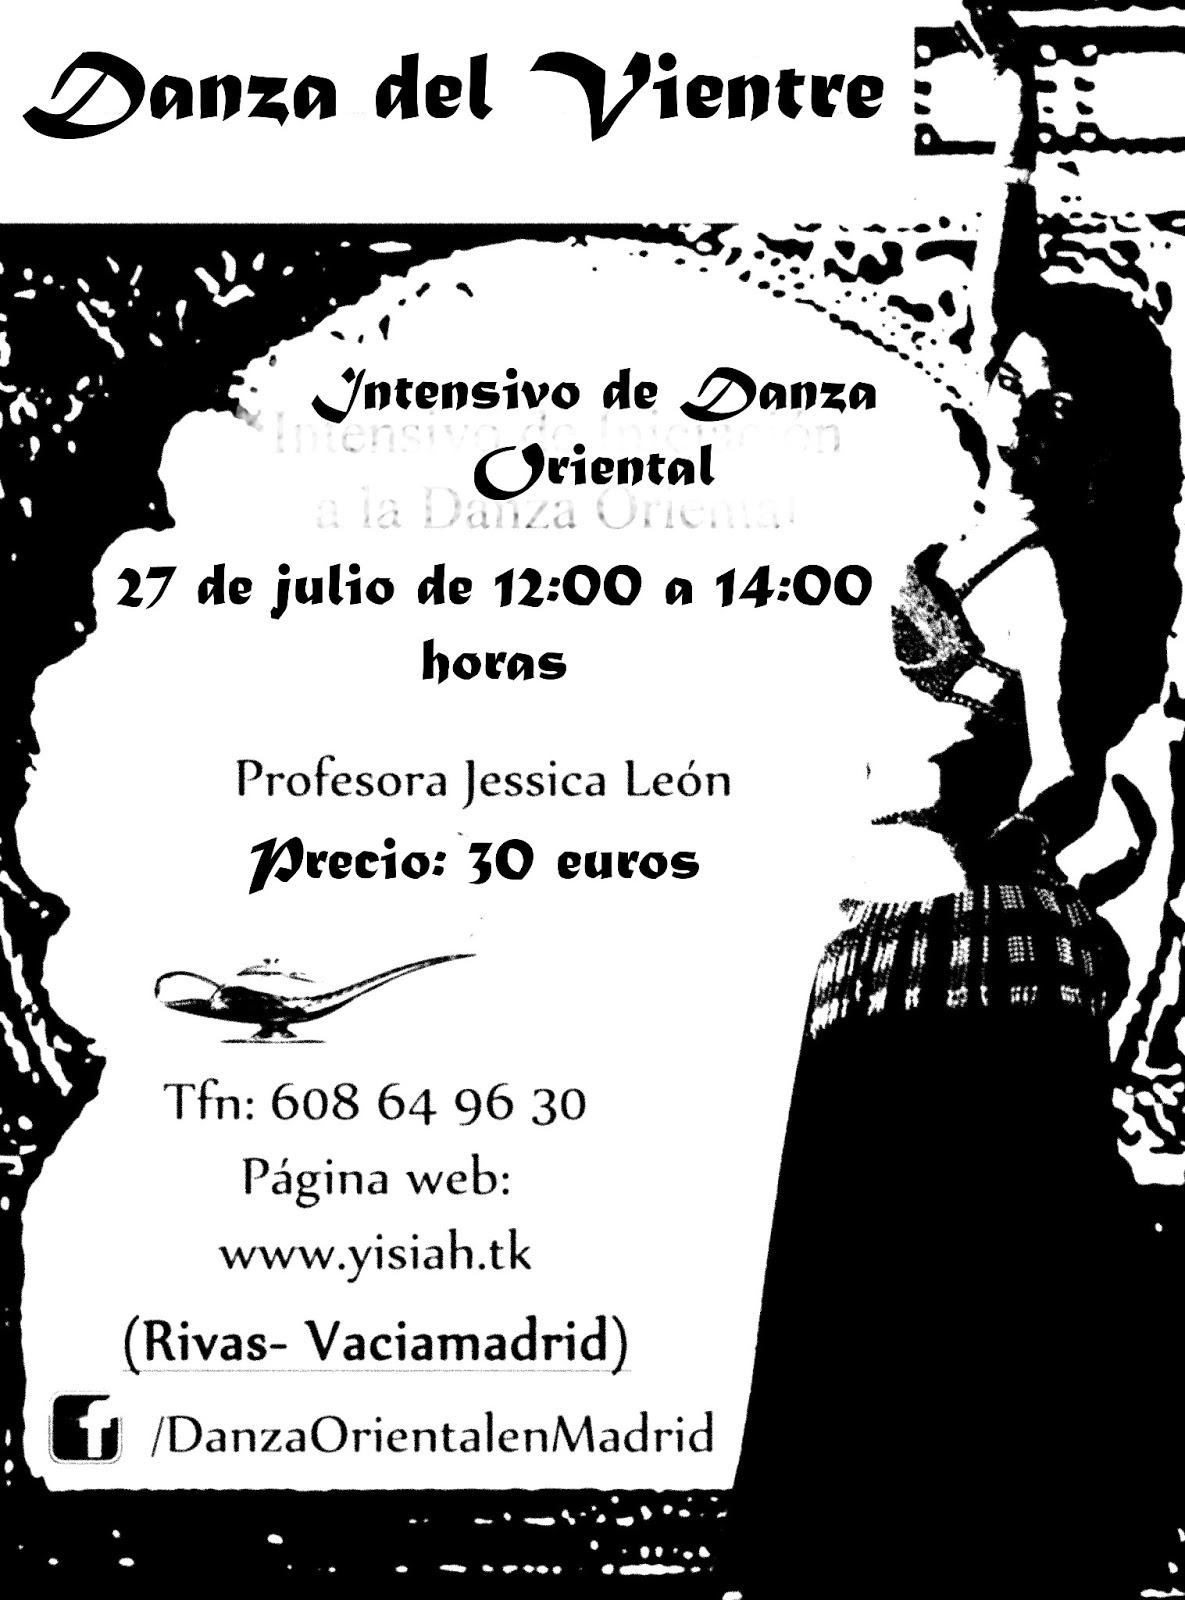 Curso Intensivo de Danza Oriental 27 de julio ( Madrid)